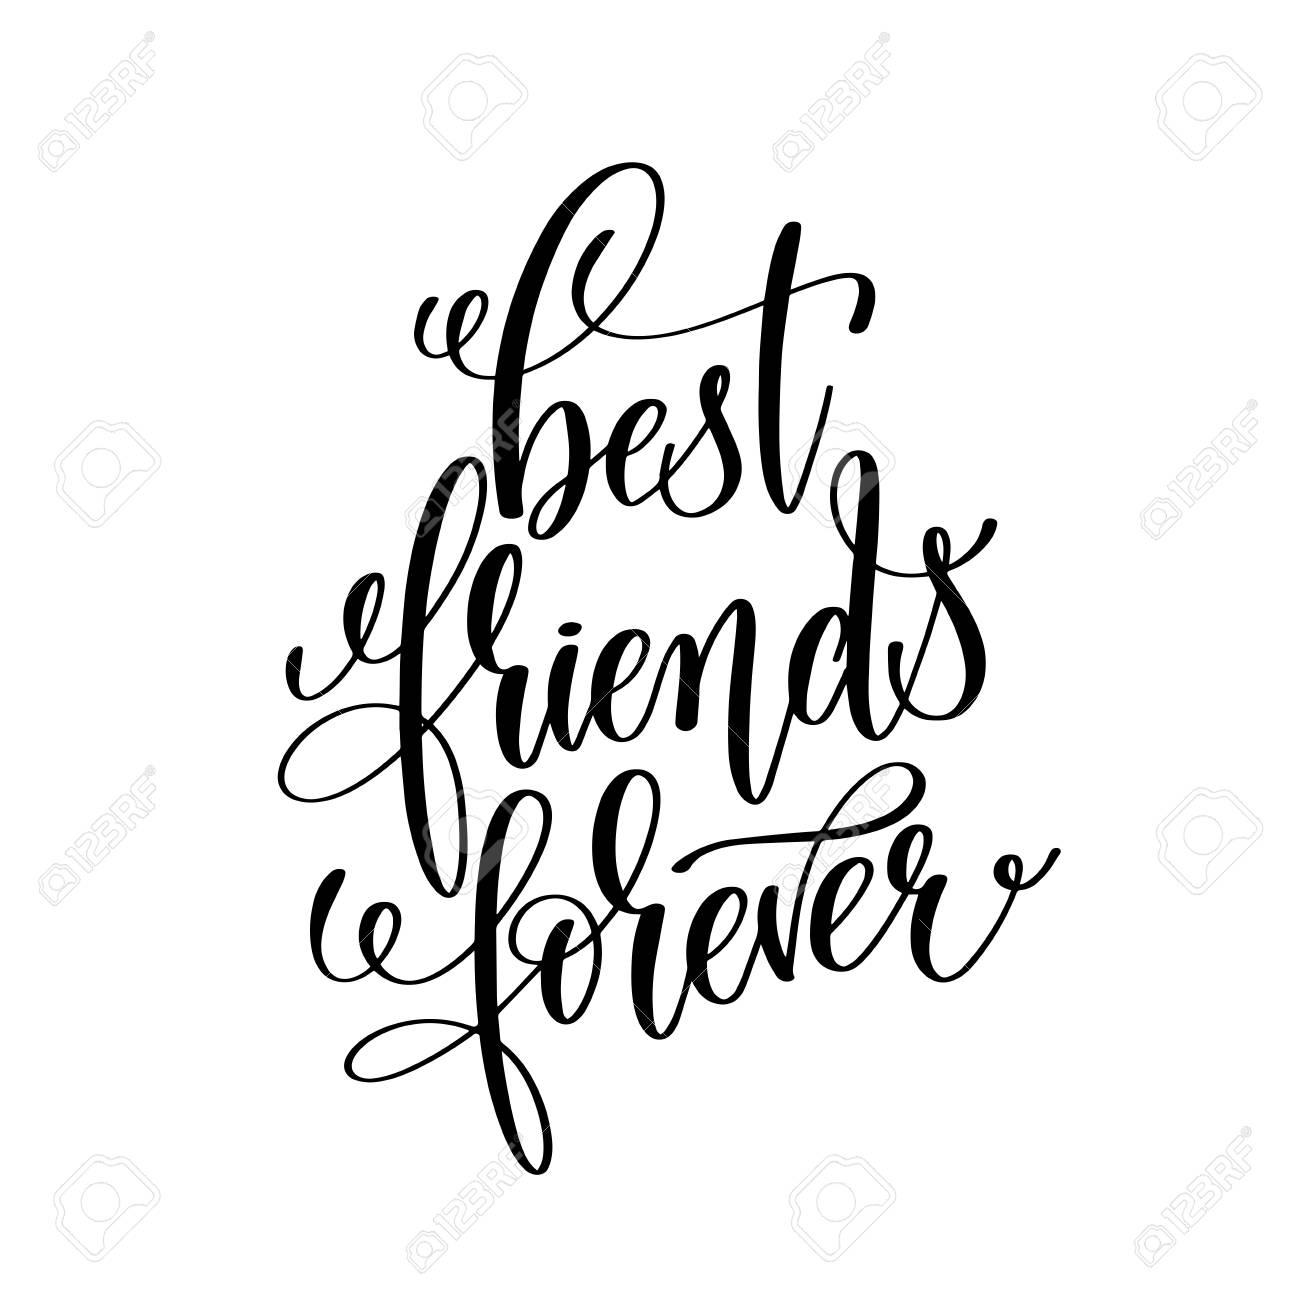 Best friends forever black and white handwritten lettering stock vector 82407421